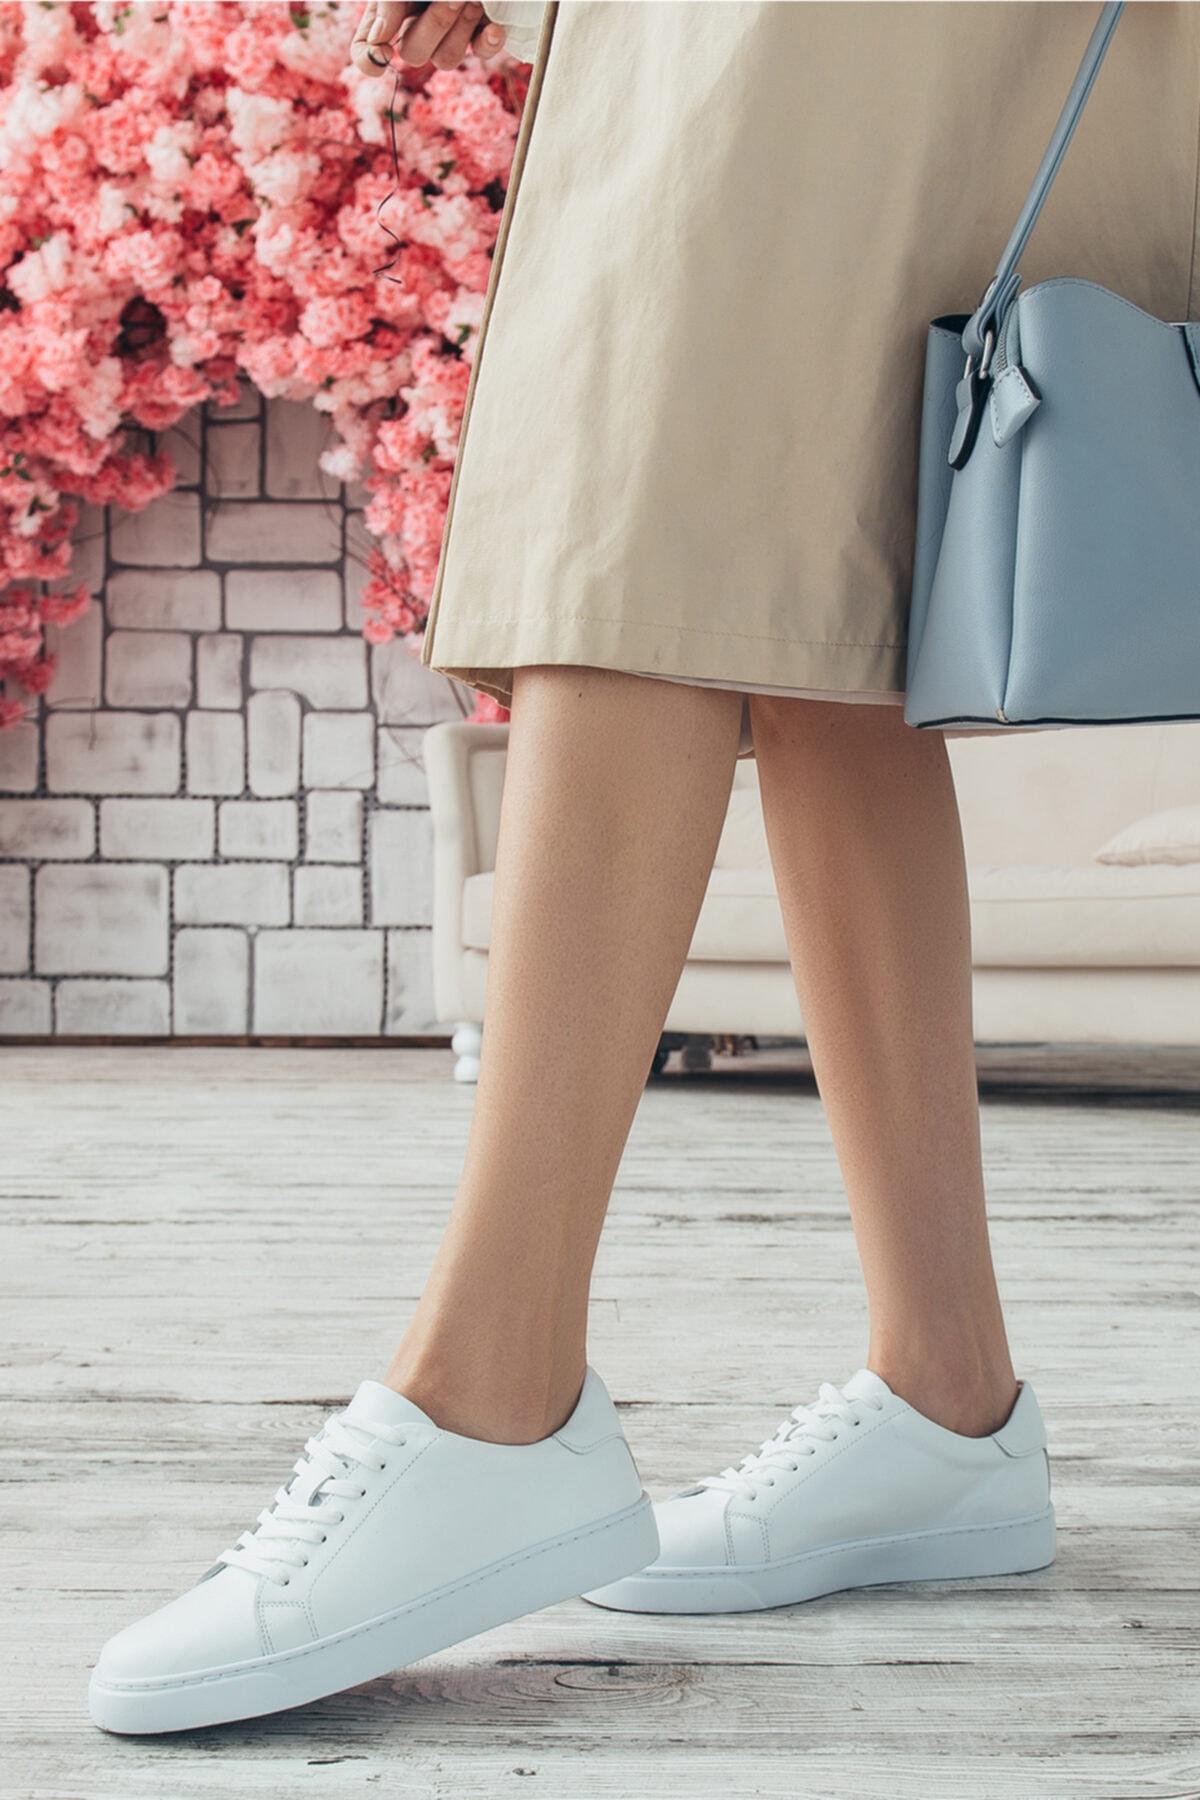 Kadın Sade Beyaz Hakiki Deri Hafif Taban Sneaker Ayakkabı